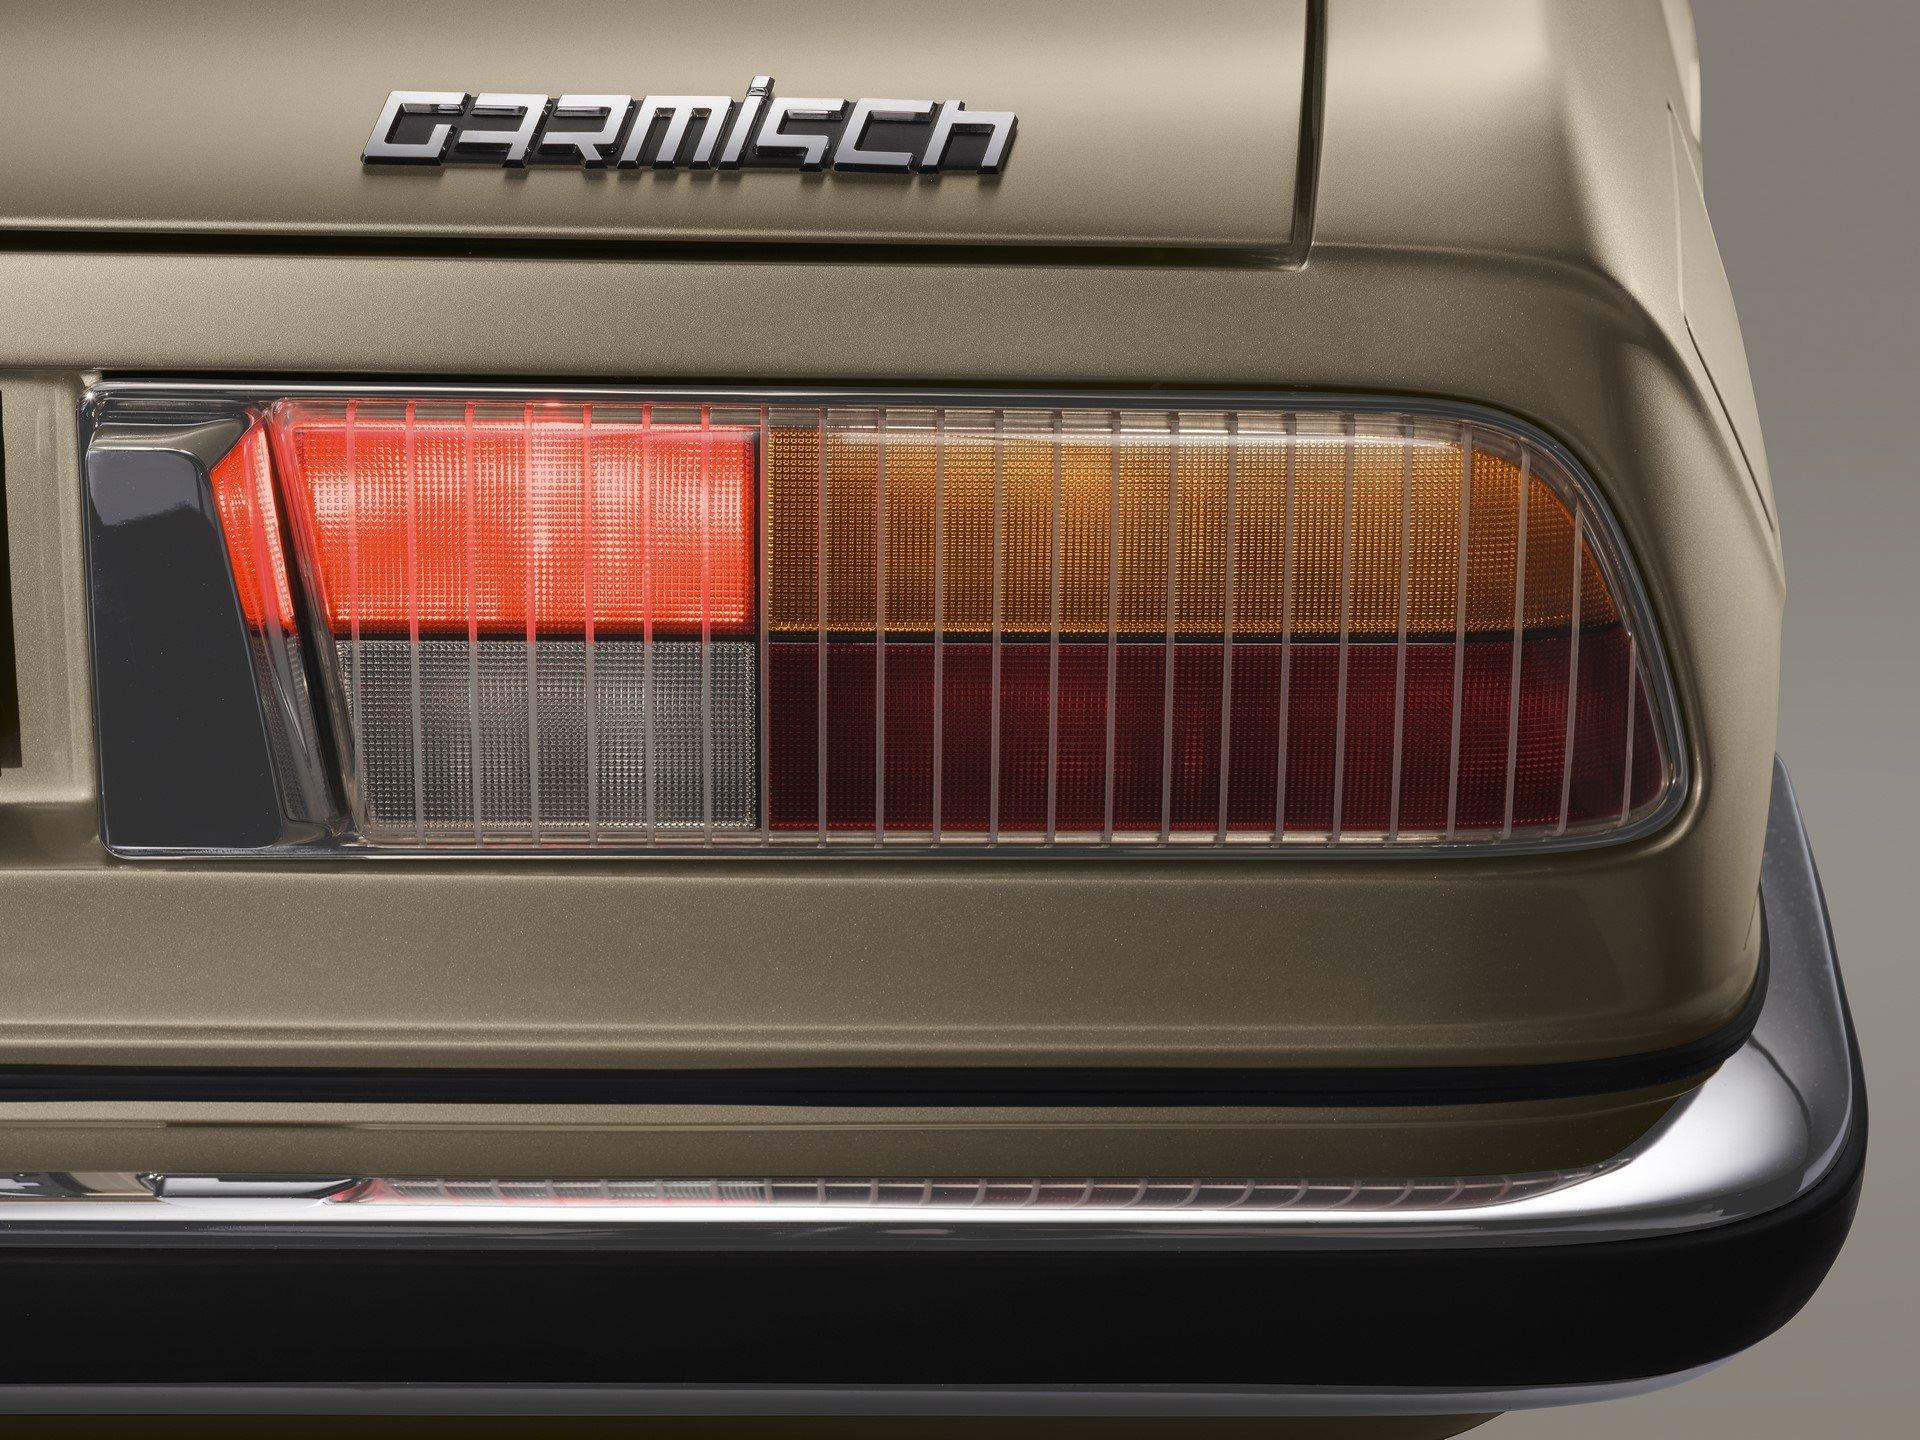 BMW-Garmisch-Concept-7